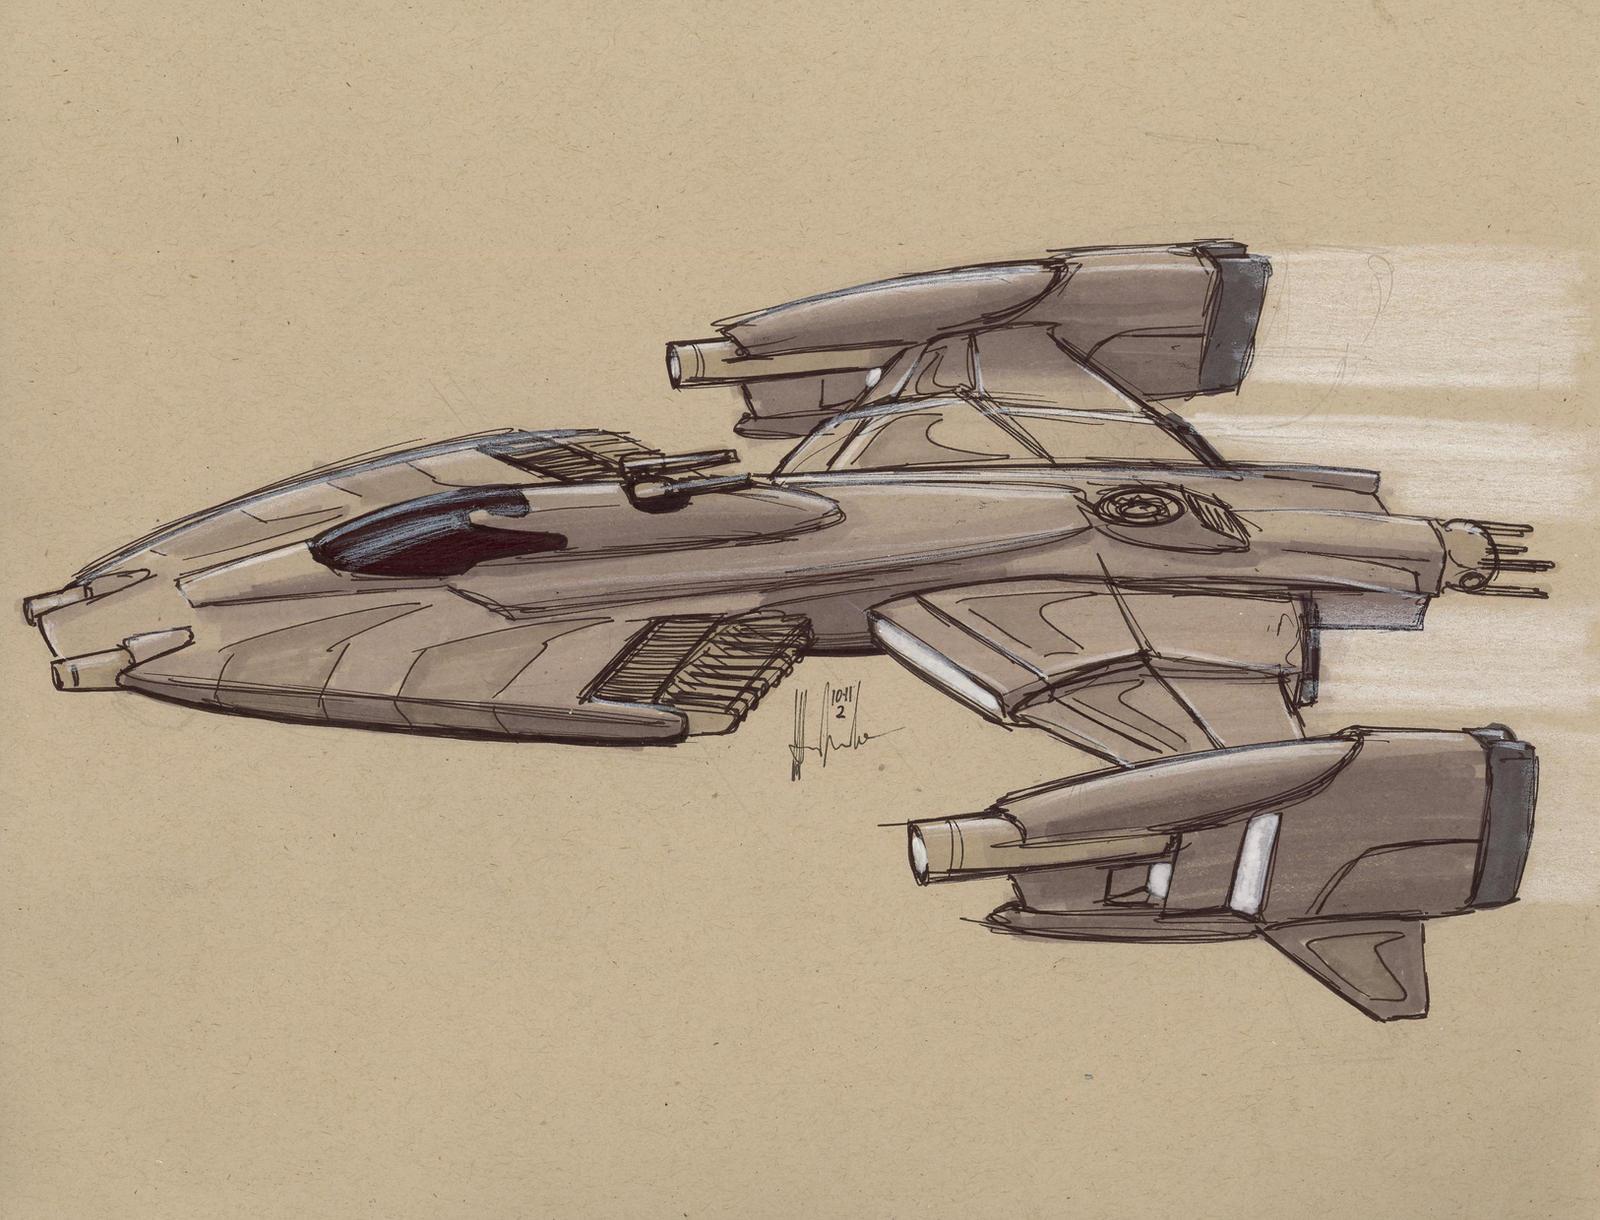 PMSC Raven Corvette by Jepray